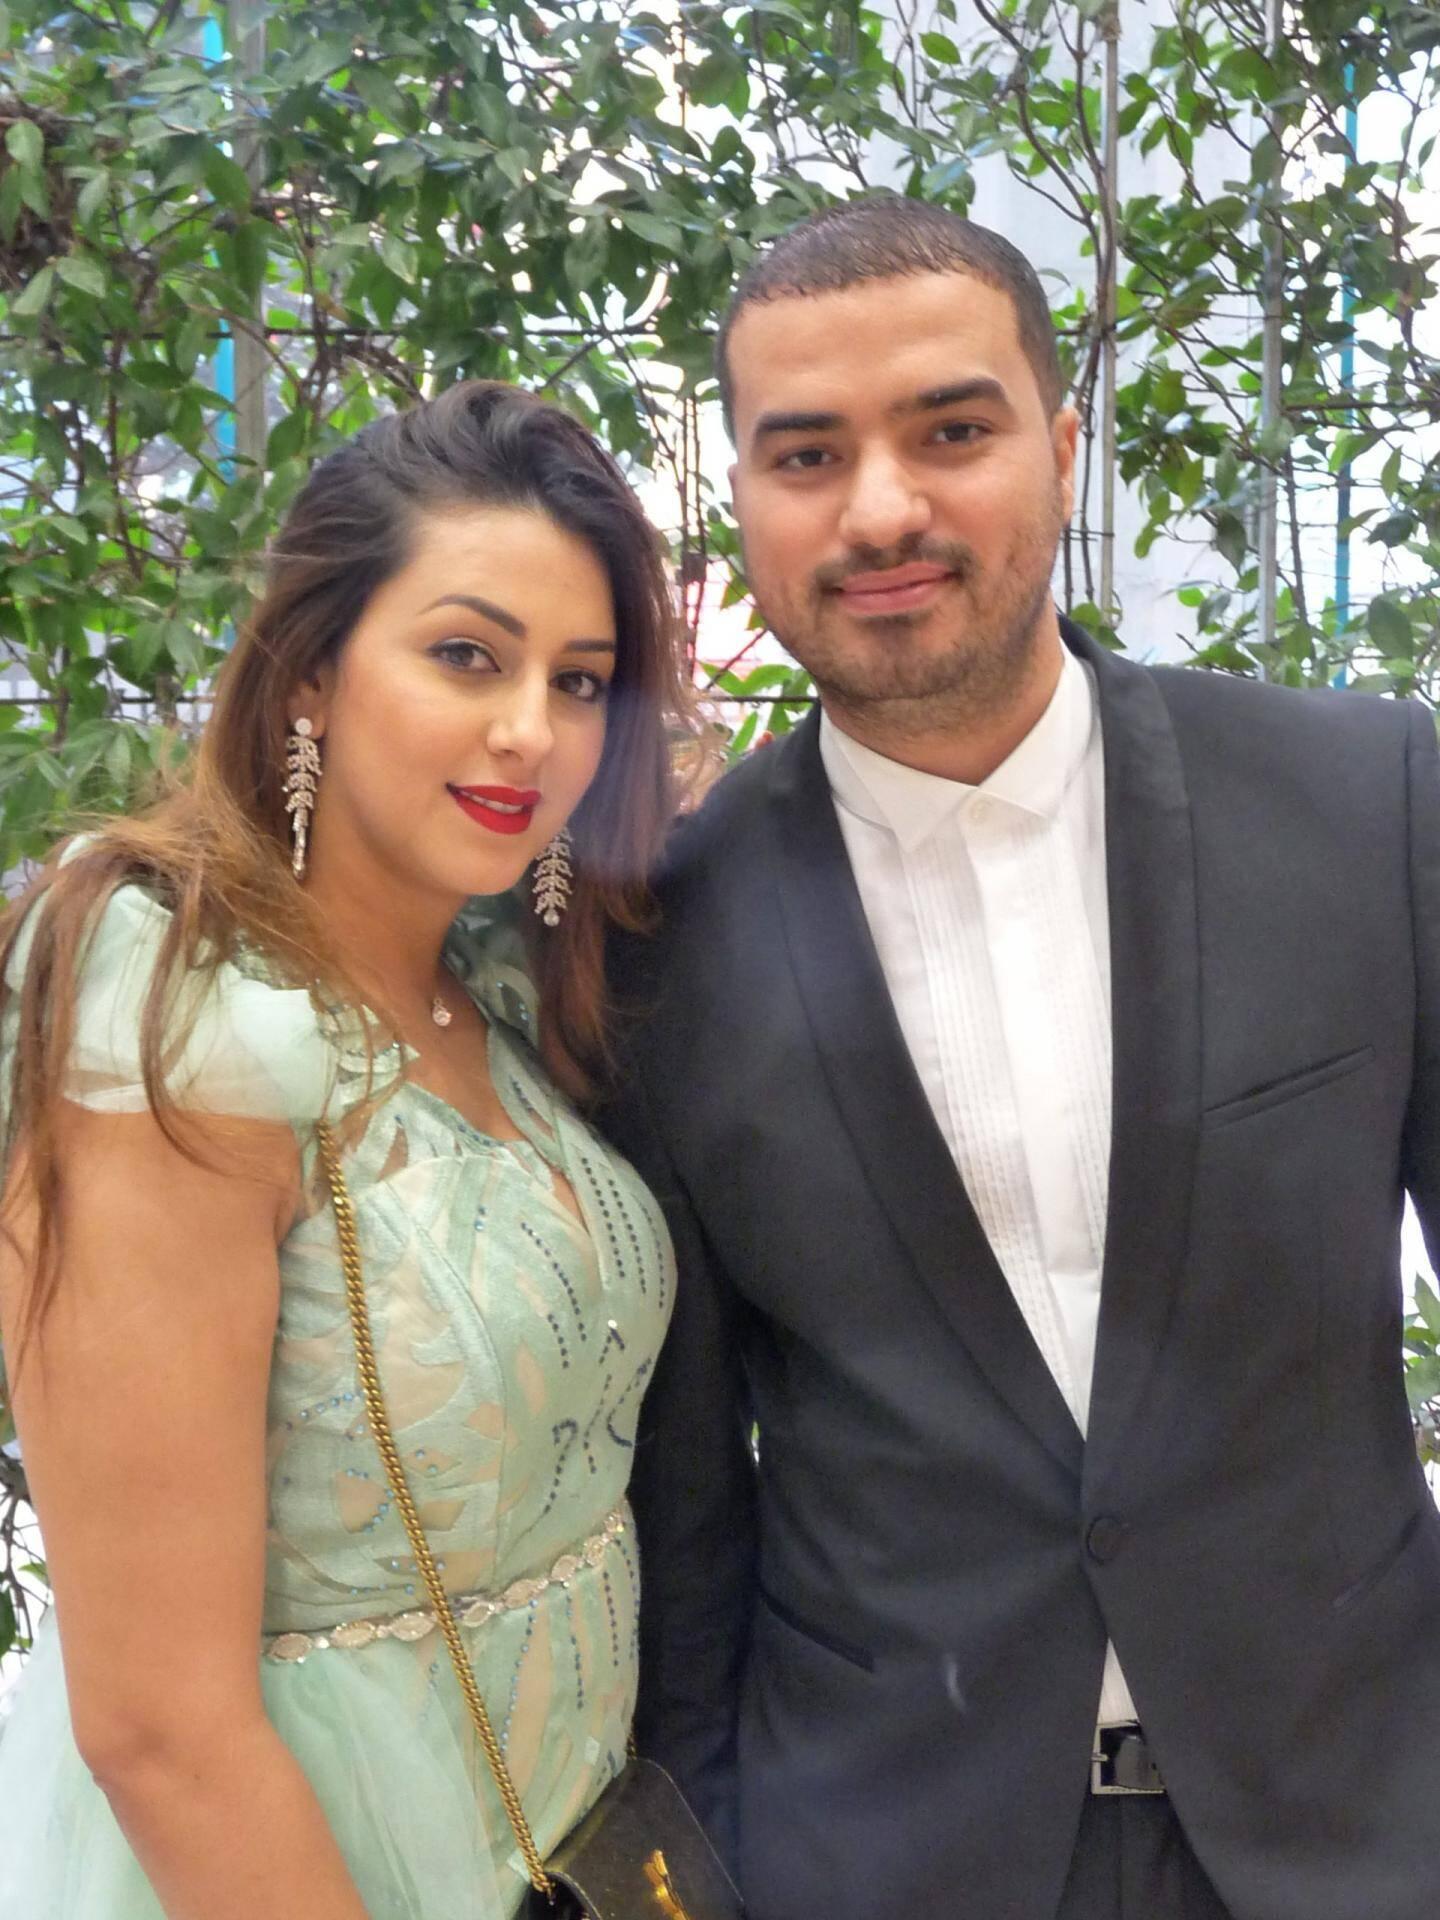 Yasmine Tachouche, directrice commerciale, et Bilal Toubi, gérant.